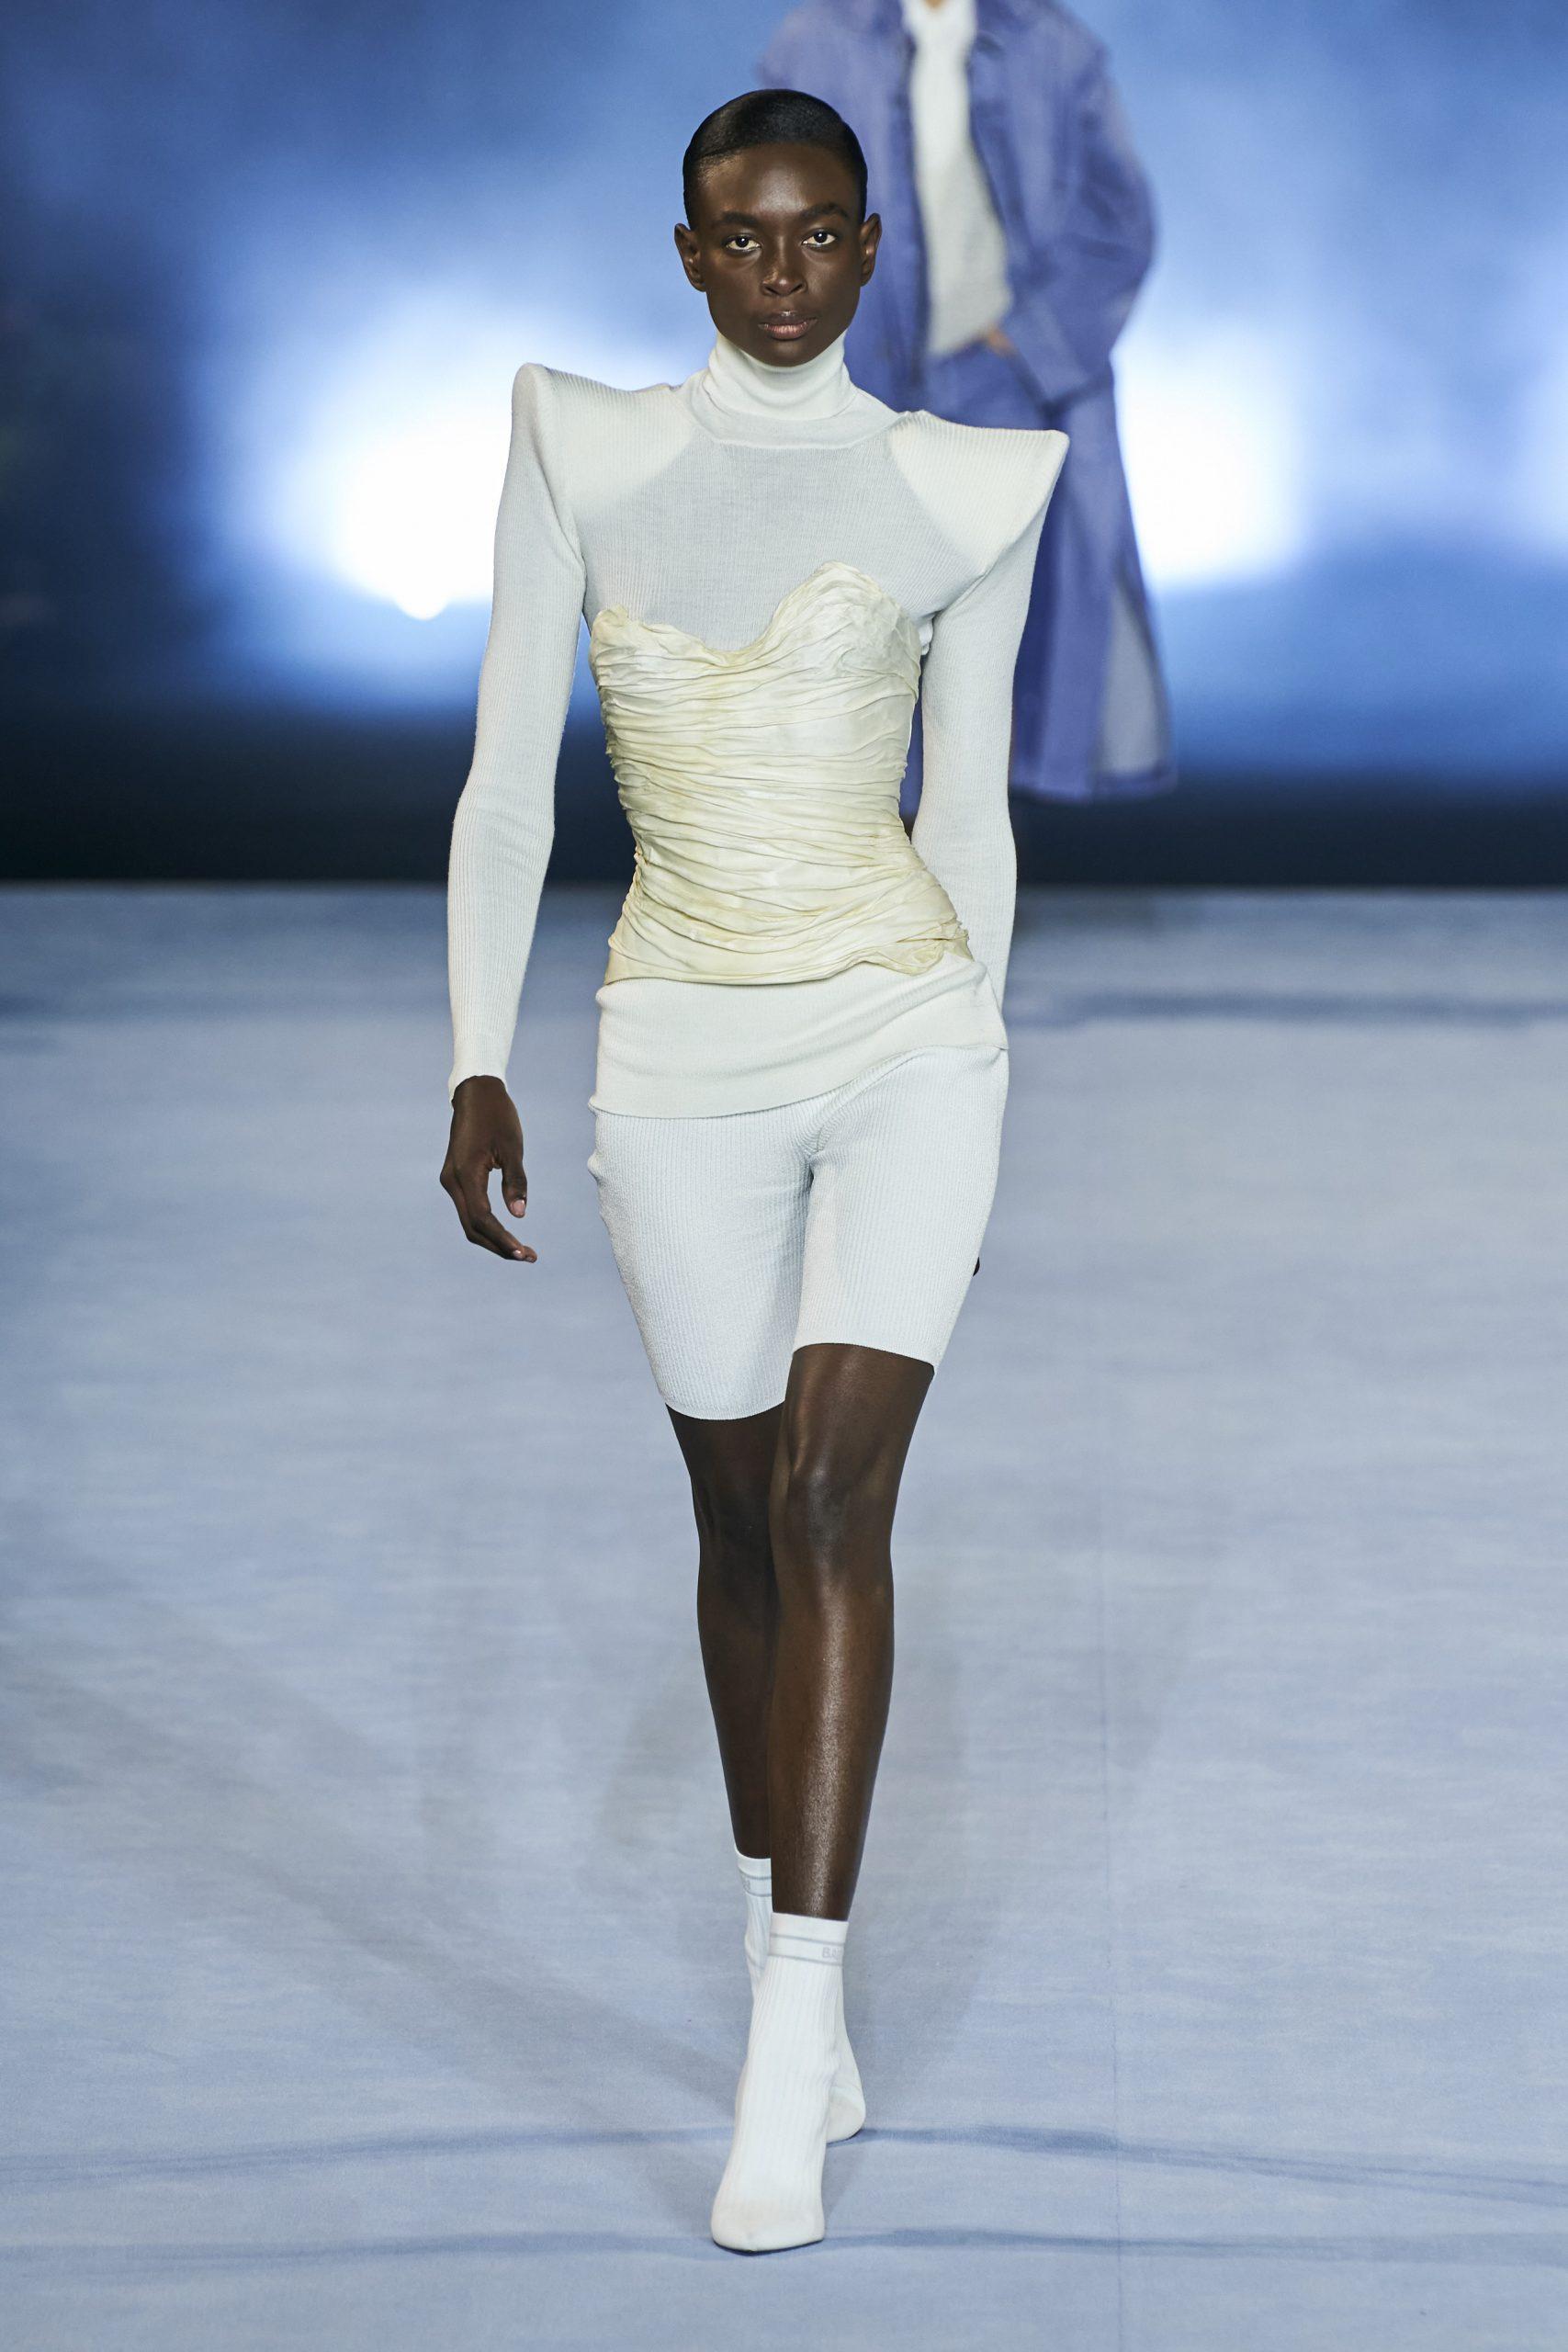 13. kép: Párizsi divathét - 2021-es tavaszi-nyári ready to wear kollekció - Balmain